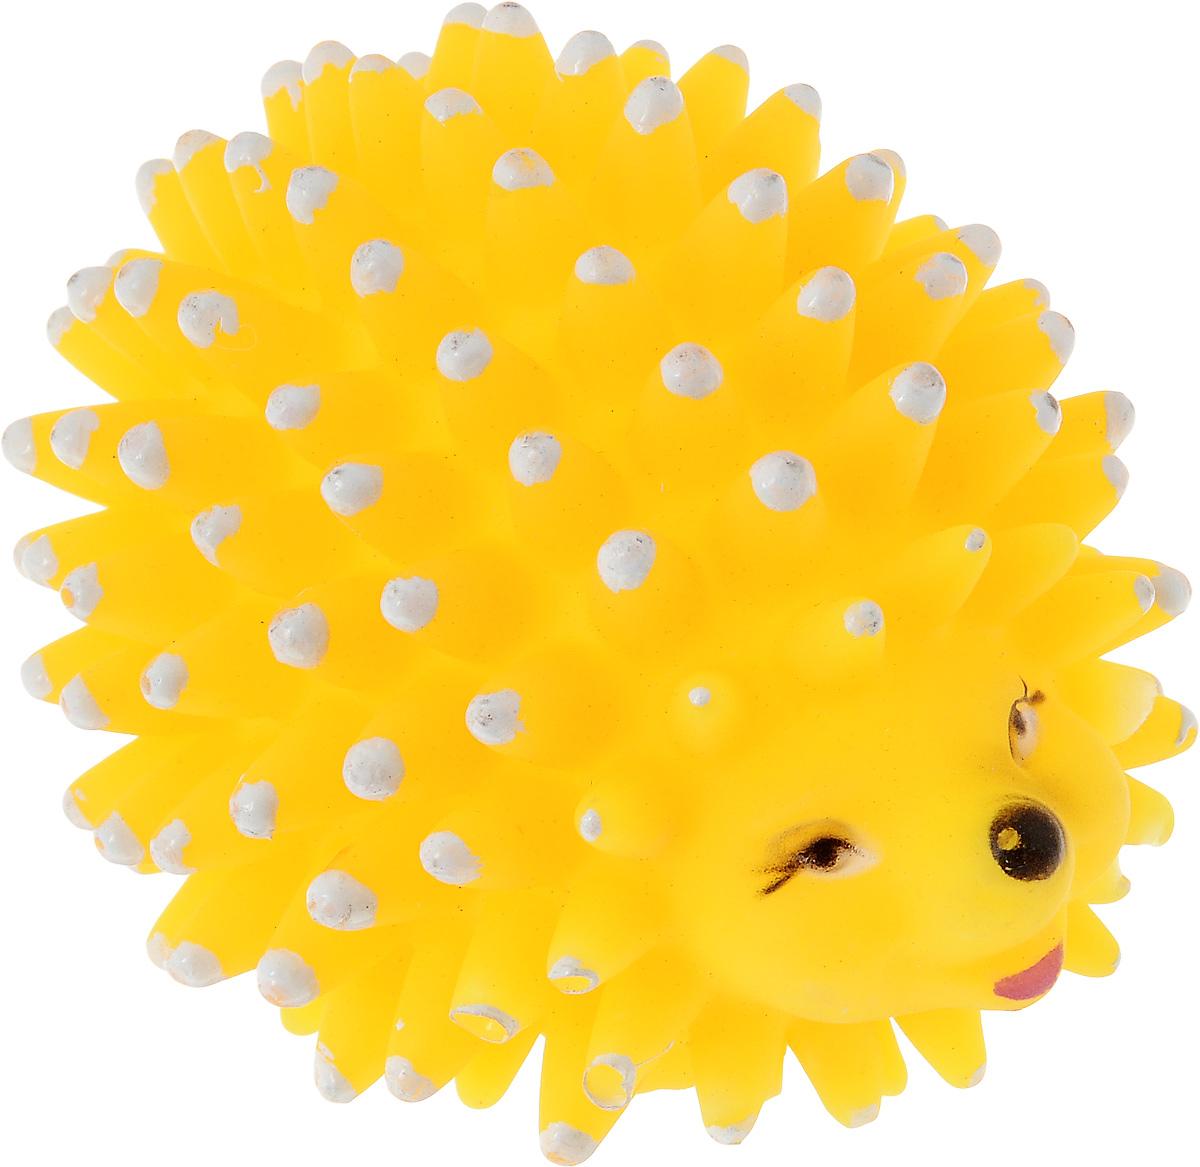 Игрушка для собак Zoobaloo Еж, с пищалкой, длина 8 см игрушка для собак zoobaloo гантель с пищалкой длина 13 см